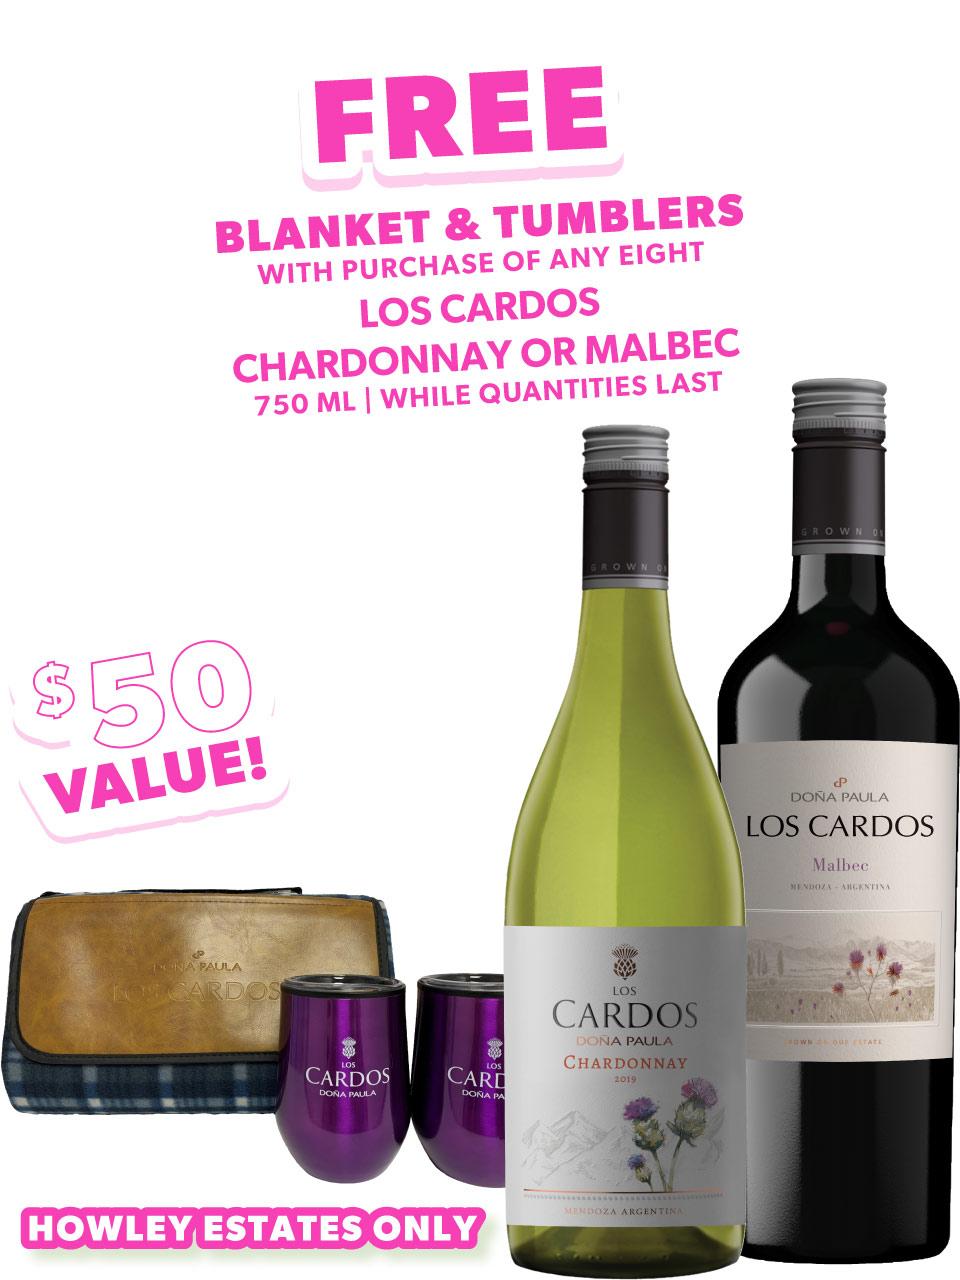 Dona Paula Los Cardos Chardonnay